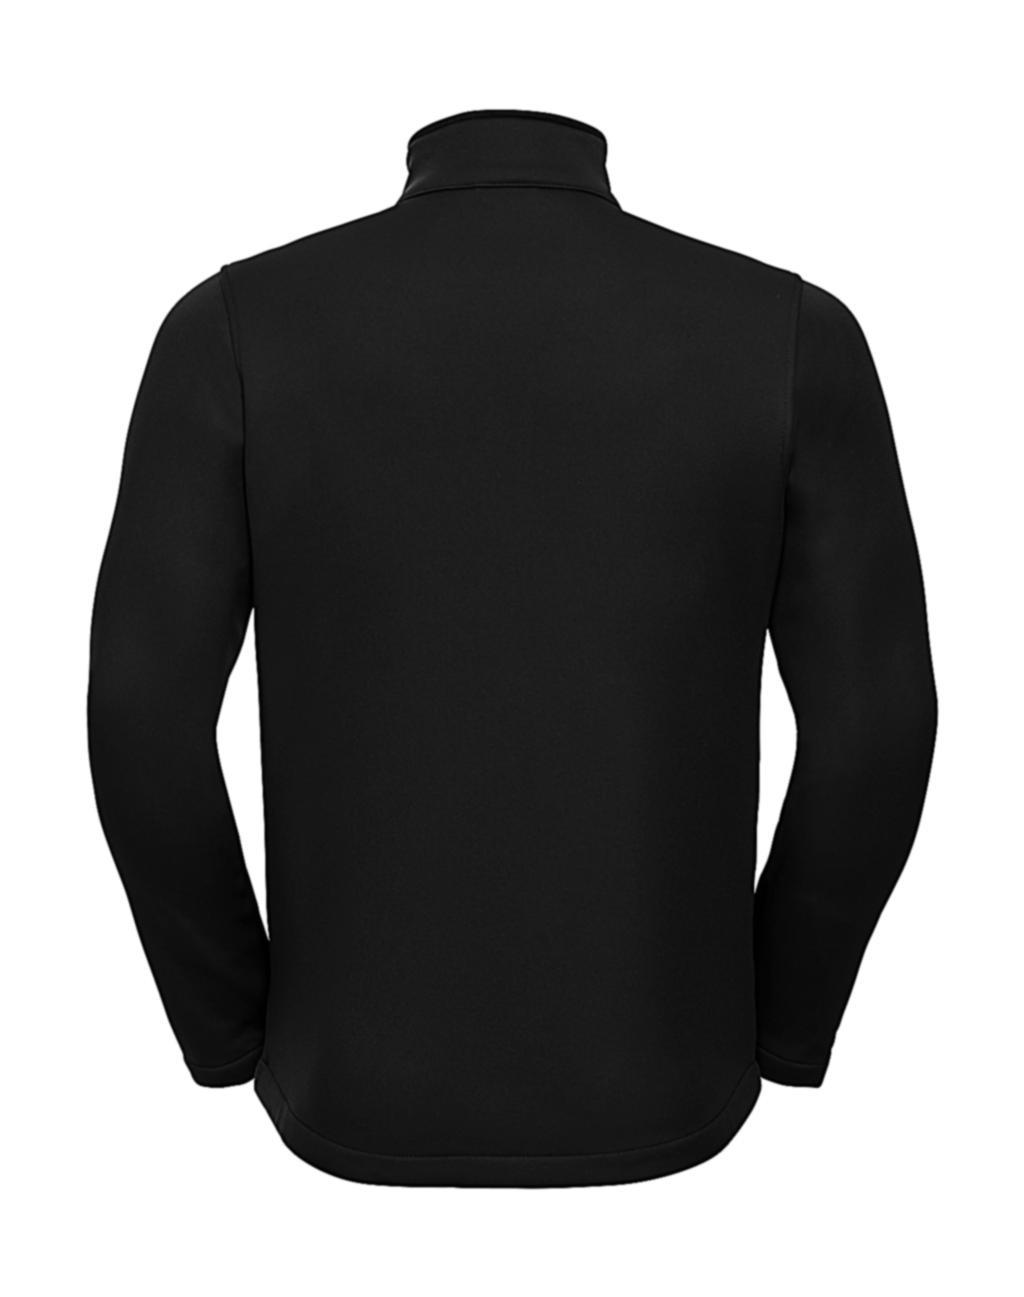 Pánská bunda Smart Softshell - zvìtšit obrázek